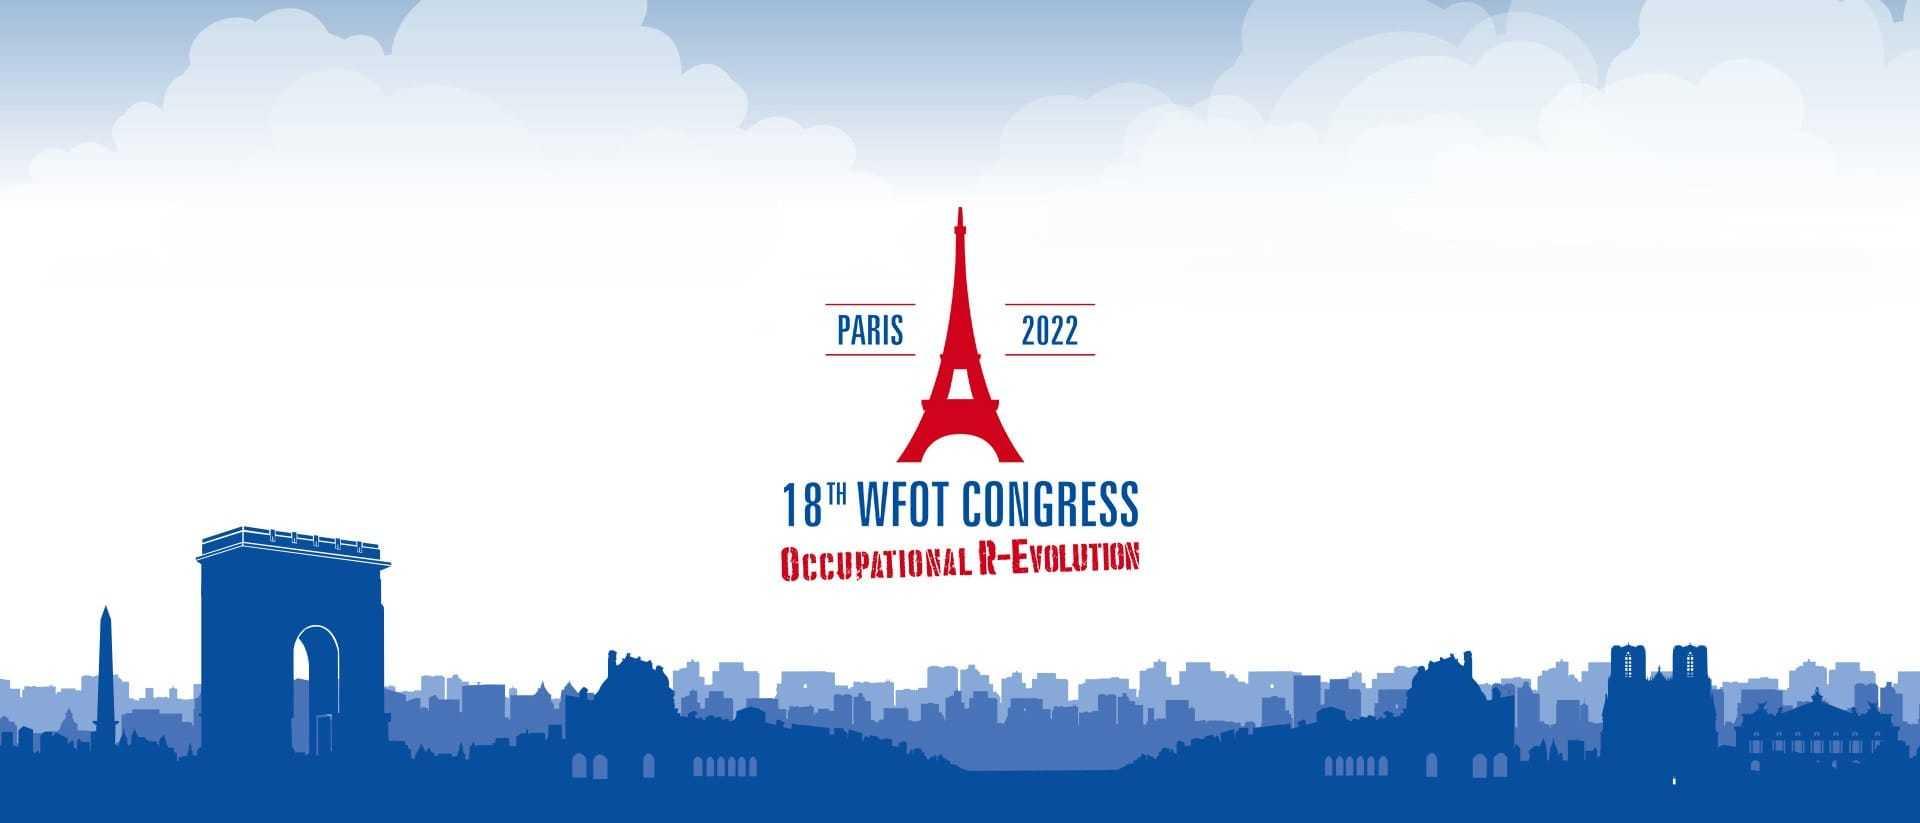 congress.jpg#asset:22373